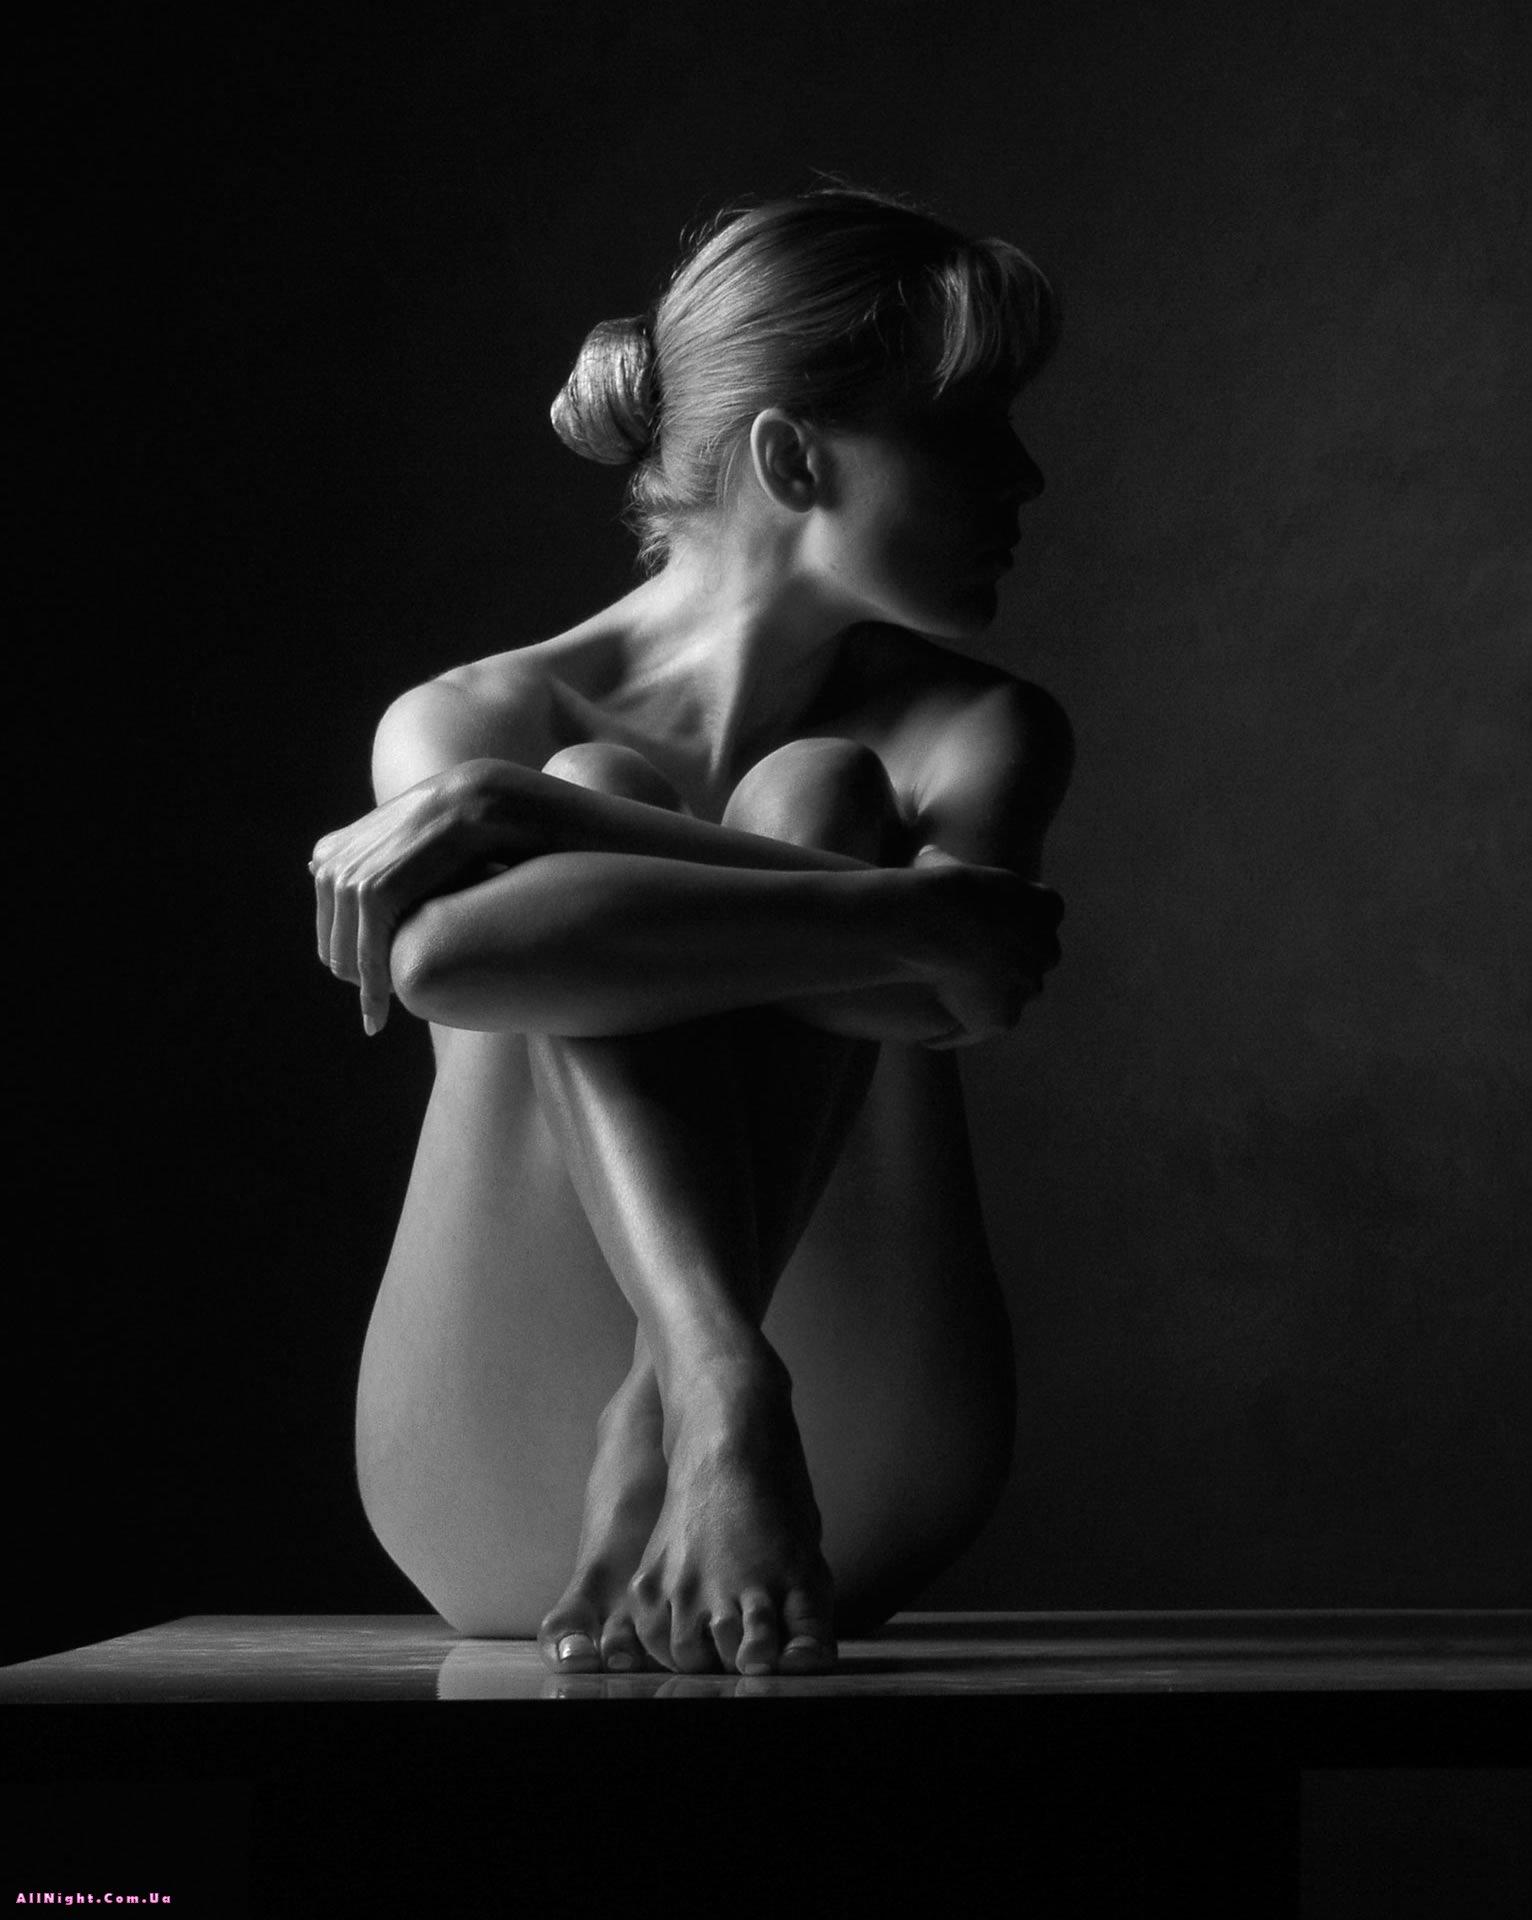 Эротическое искусство чёрно белое фото женщин 5 фотография